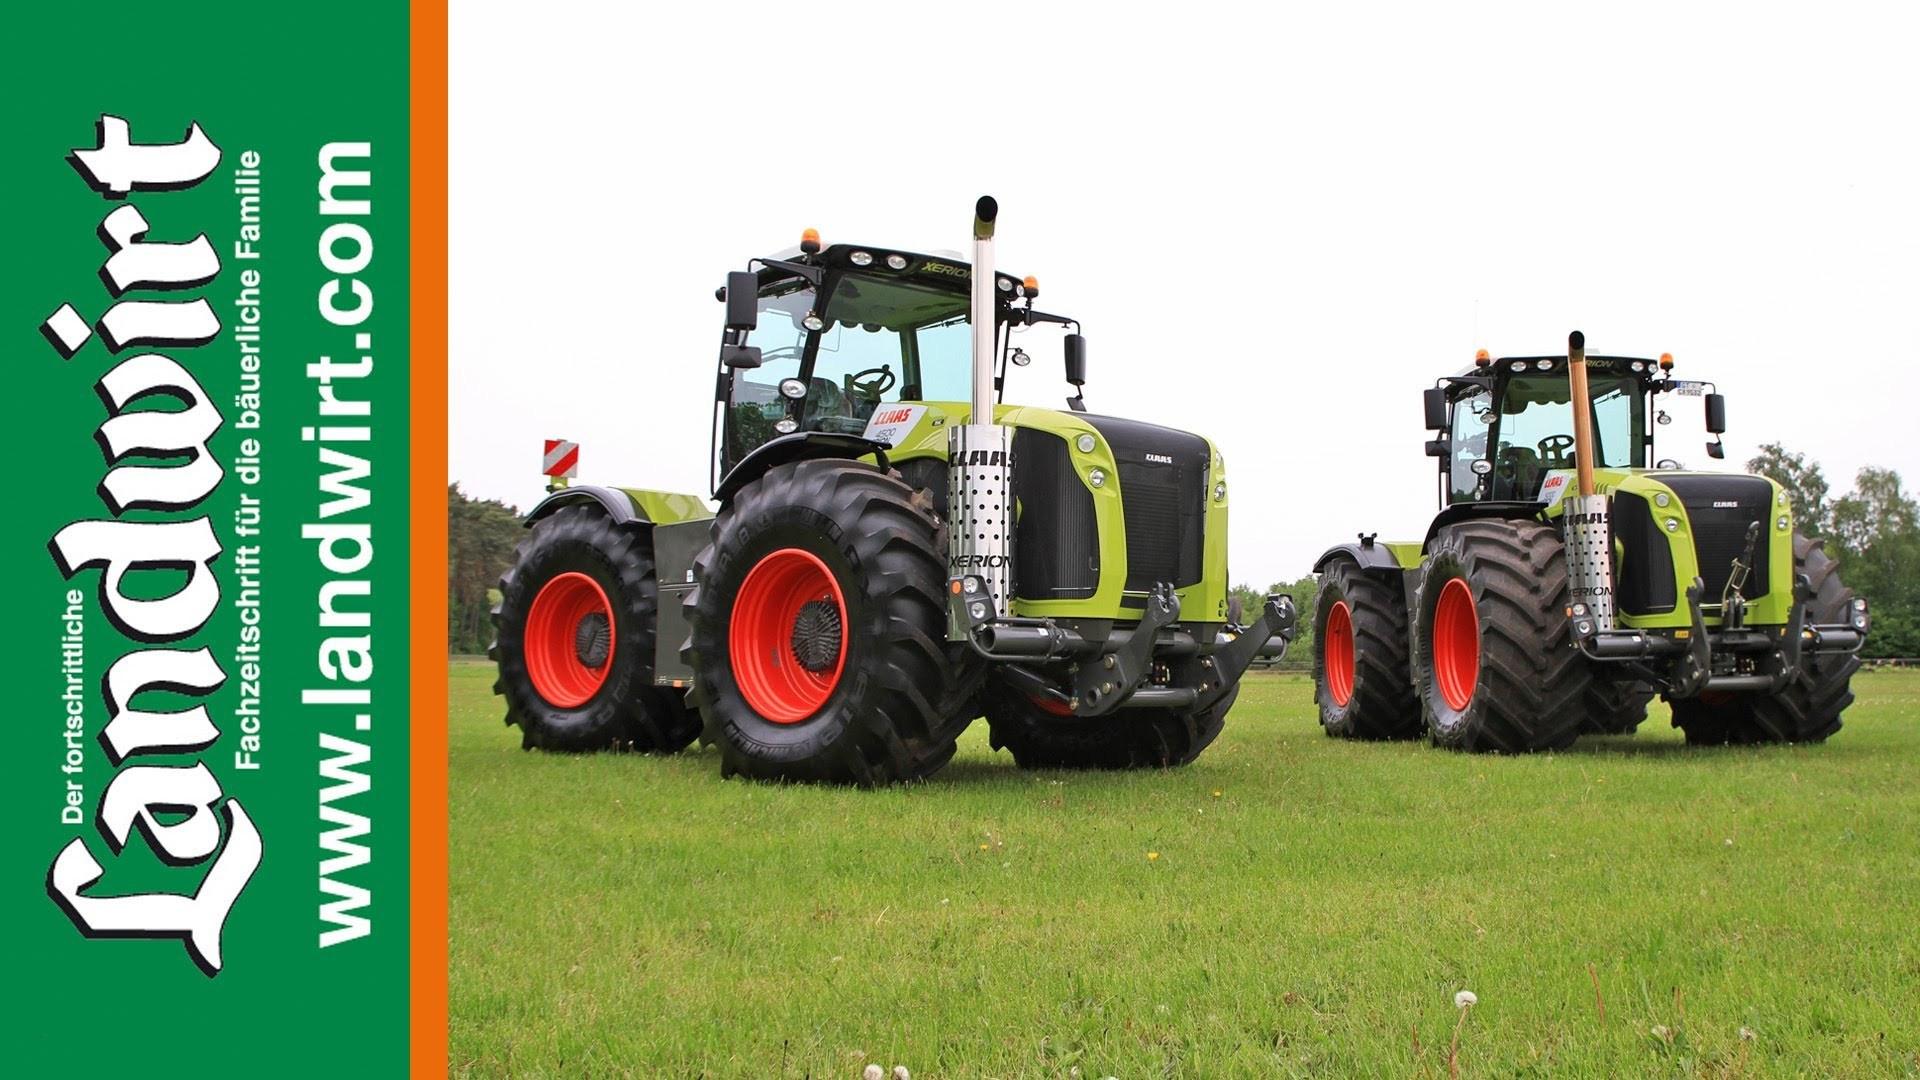 Ausmalbilder Traktor Mit Frontlader Frisch Claas Ausmalbilder Inspirierend 40 Hook Cars Ausmalbilder Stock